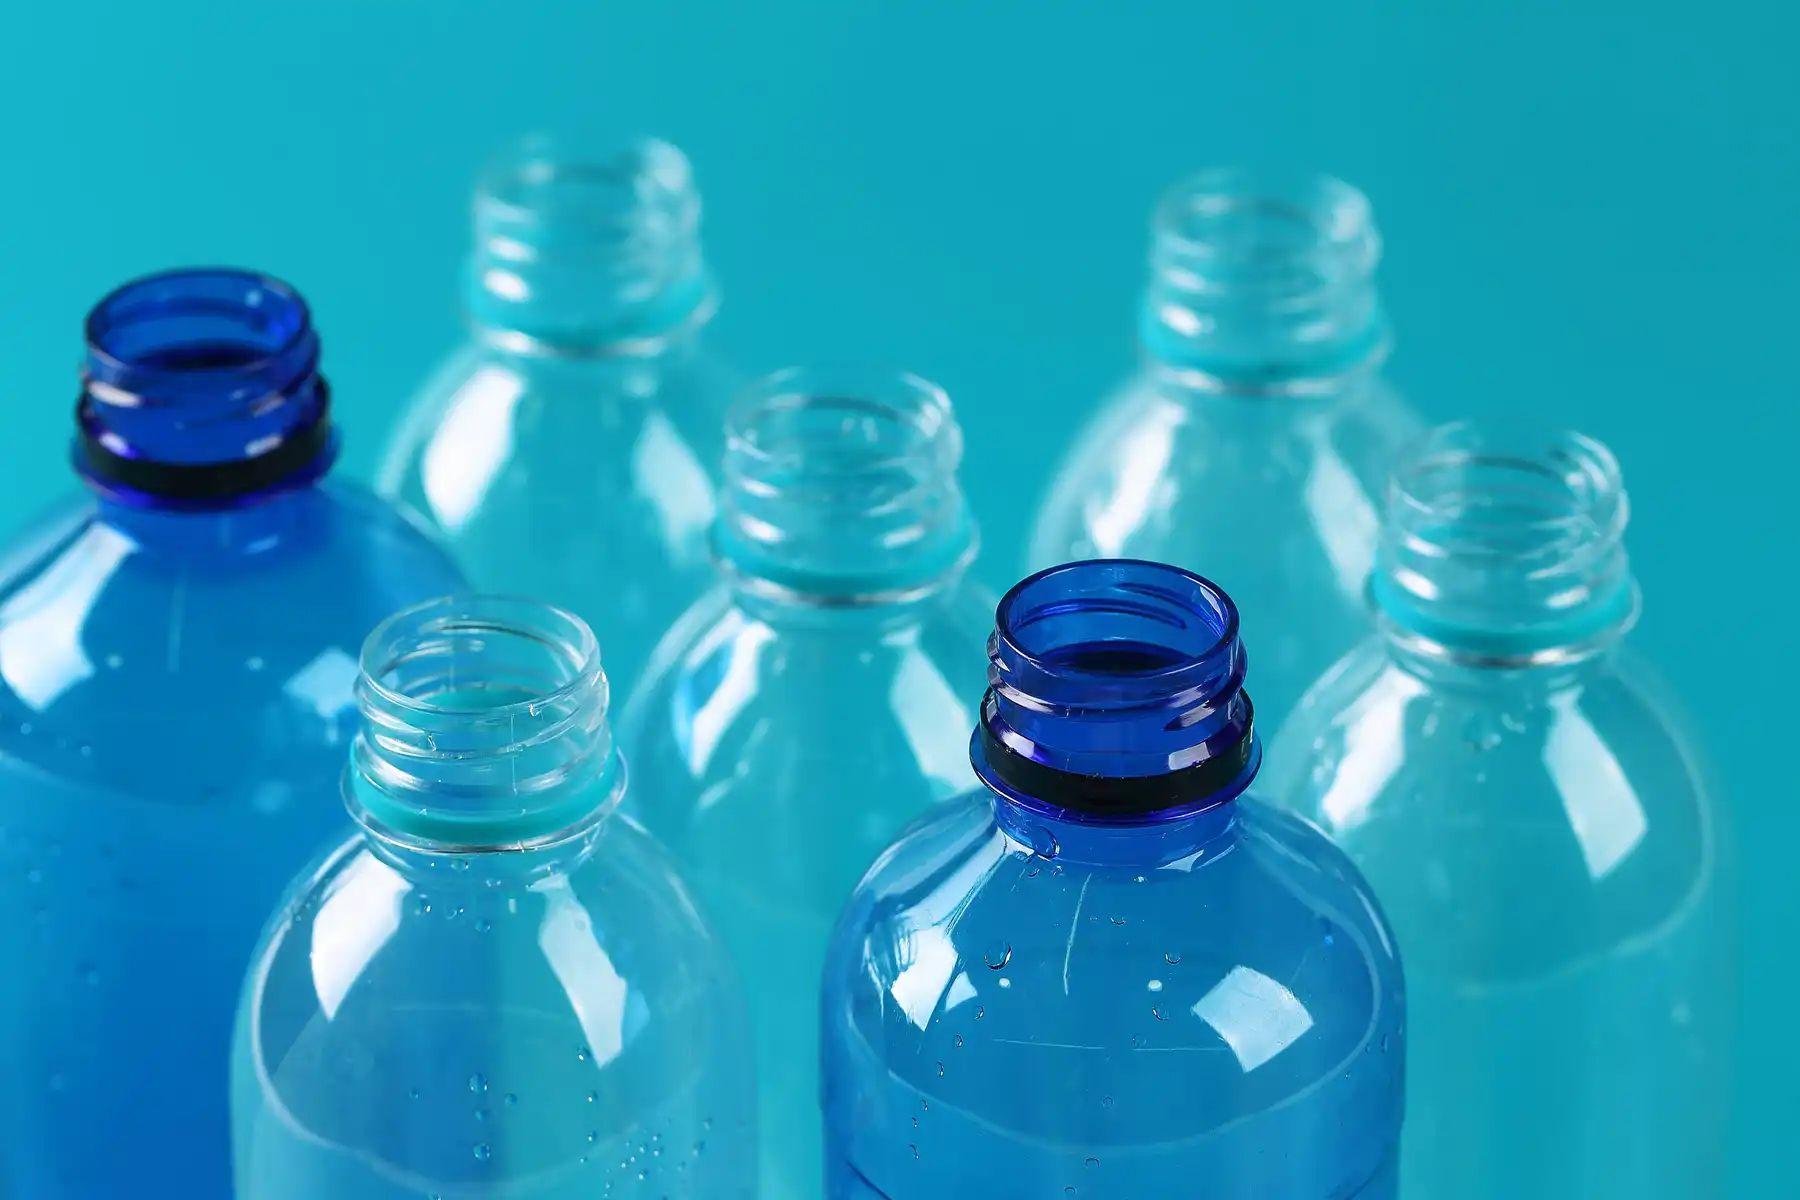 Economía circular para ayudar al medio ambiente: plásticos